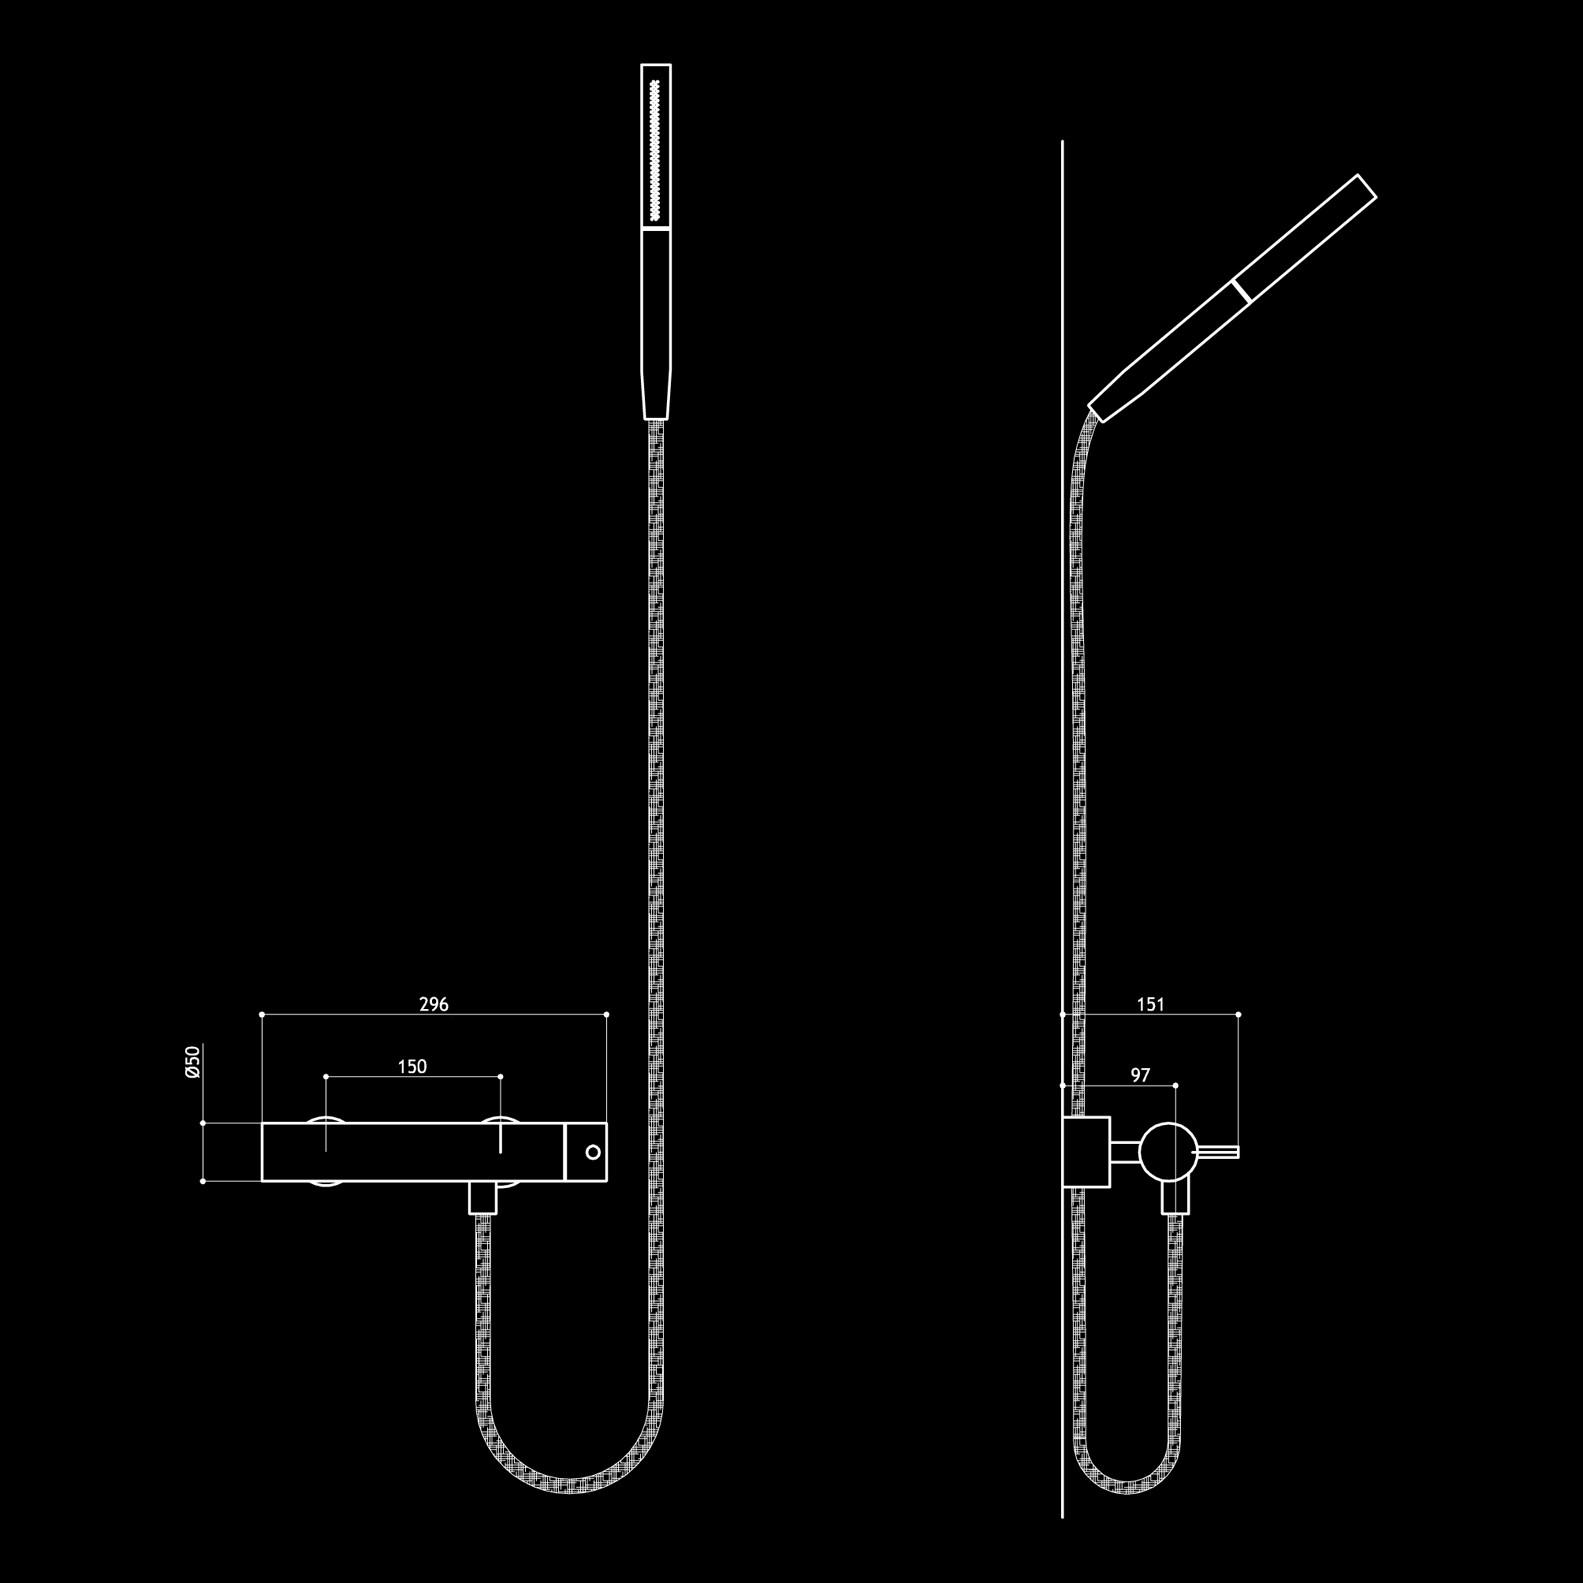 Mgs dusch armaturen duschgarnitur mgs edelstahl matt - Mgs armaturen ...